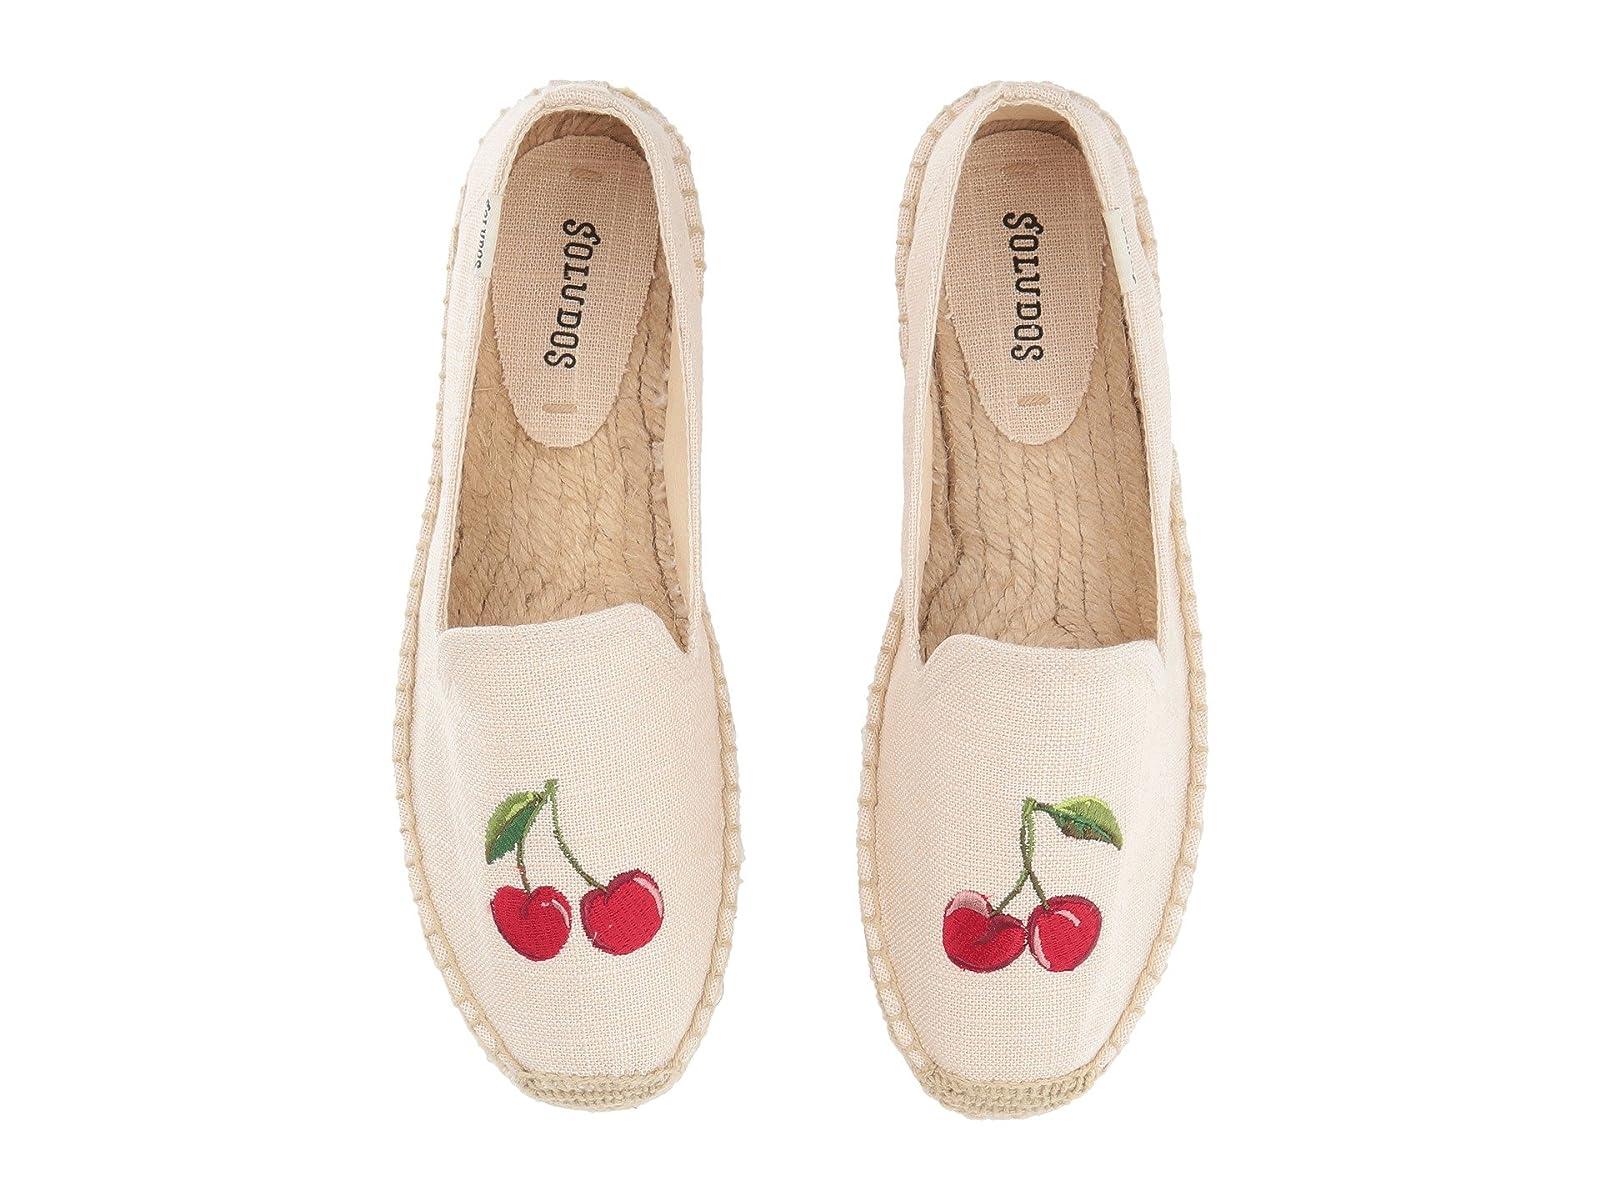 Men's/Women's:Soludos Cherries Cherries Cherries Smoking Slipper: Quality c25e67